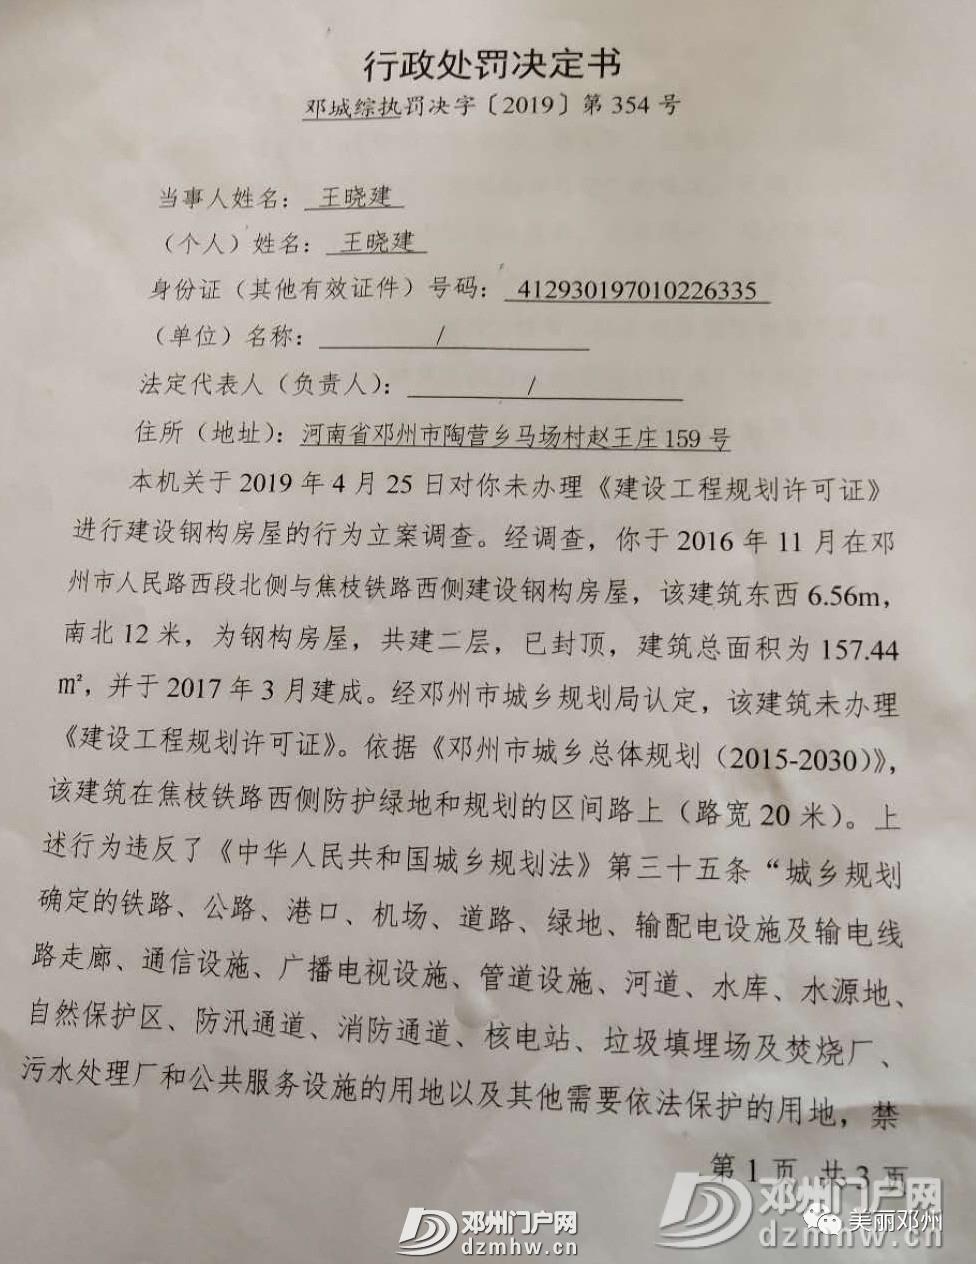 拆!拆!拆!邓州一孔桥旁已建成两年小区被强制拆除! - 邓州门户网|邓州网 - 54d6a35f983daf4434e24d714a543ae3.jpg